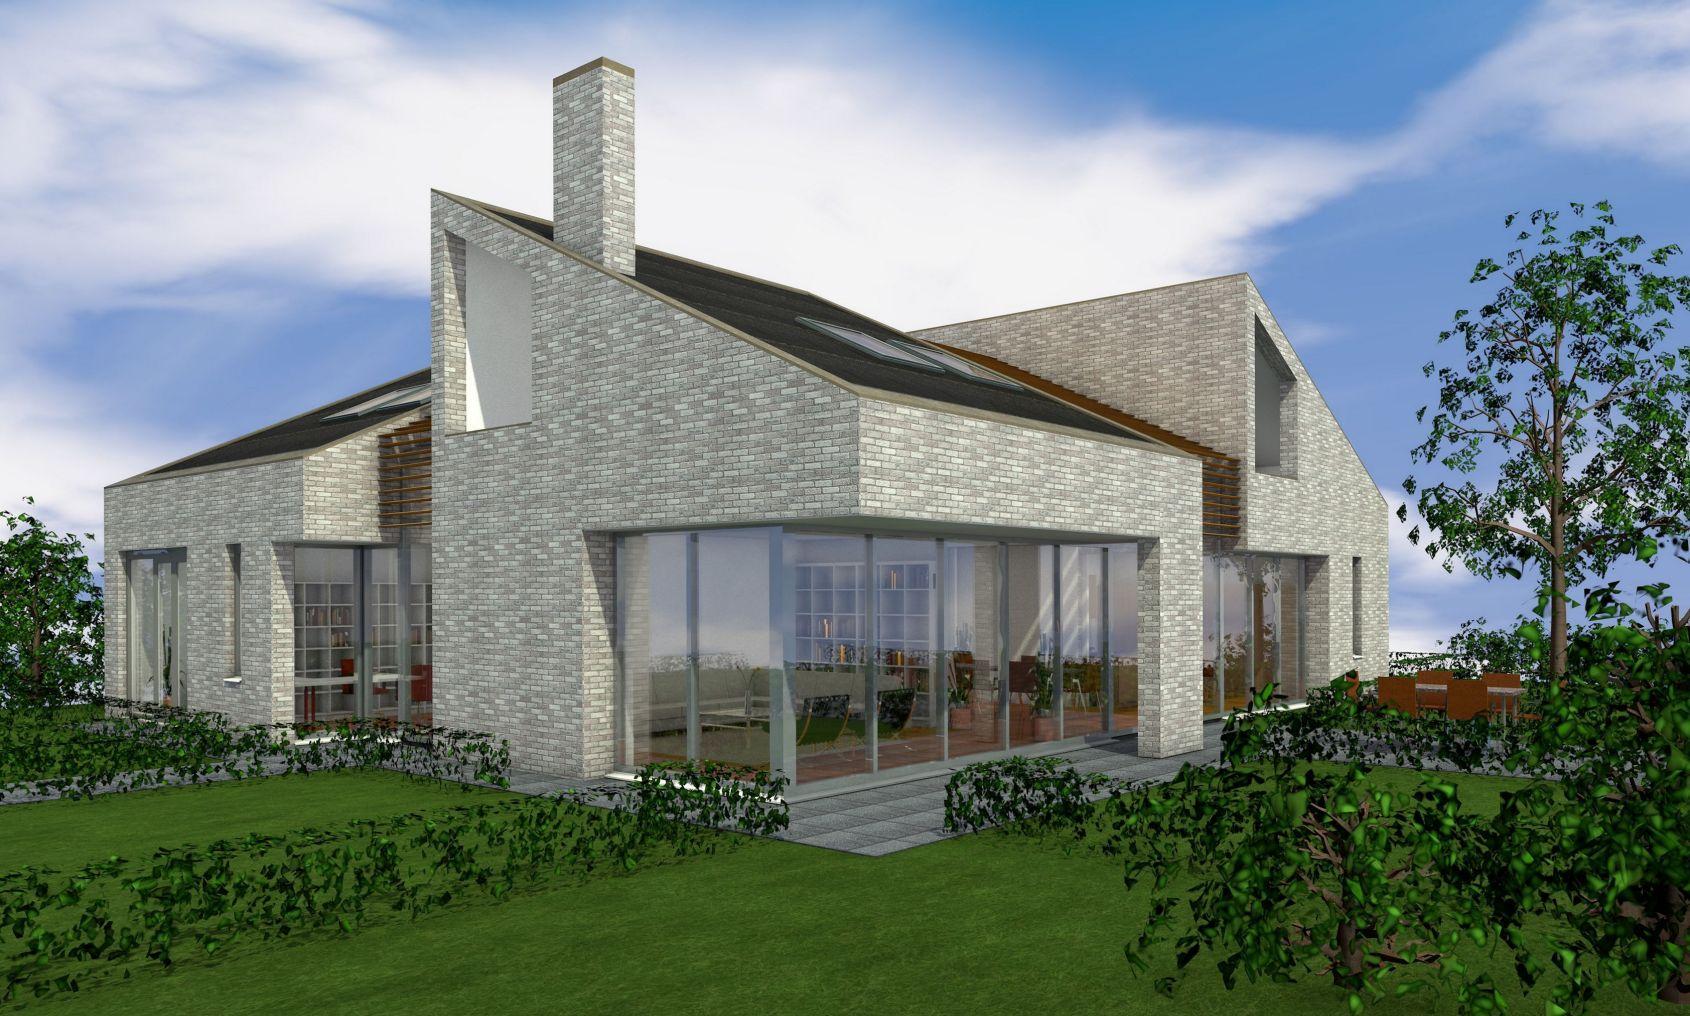 Villa-ontwerp (niet gerealiseerd)